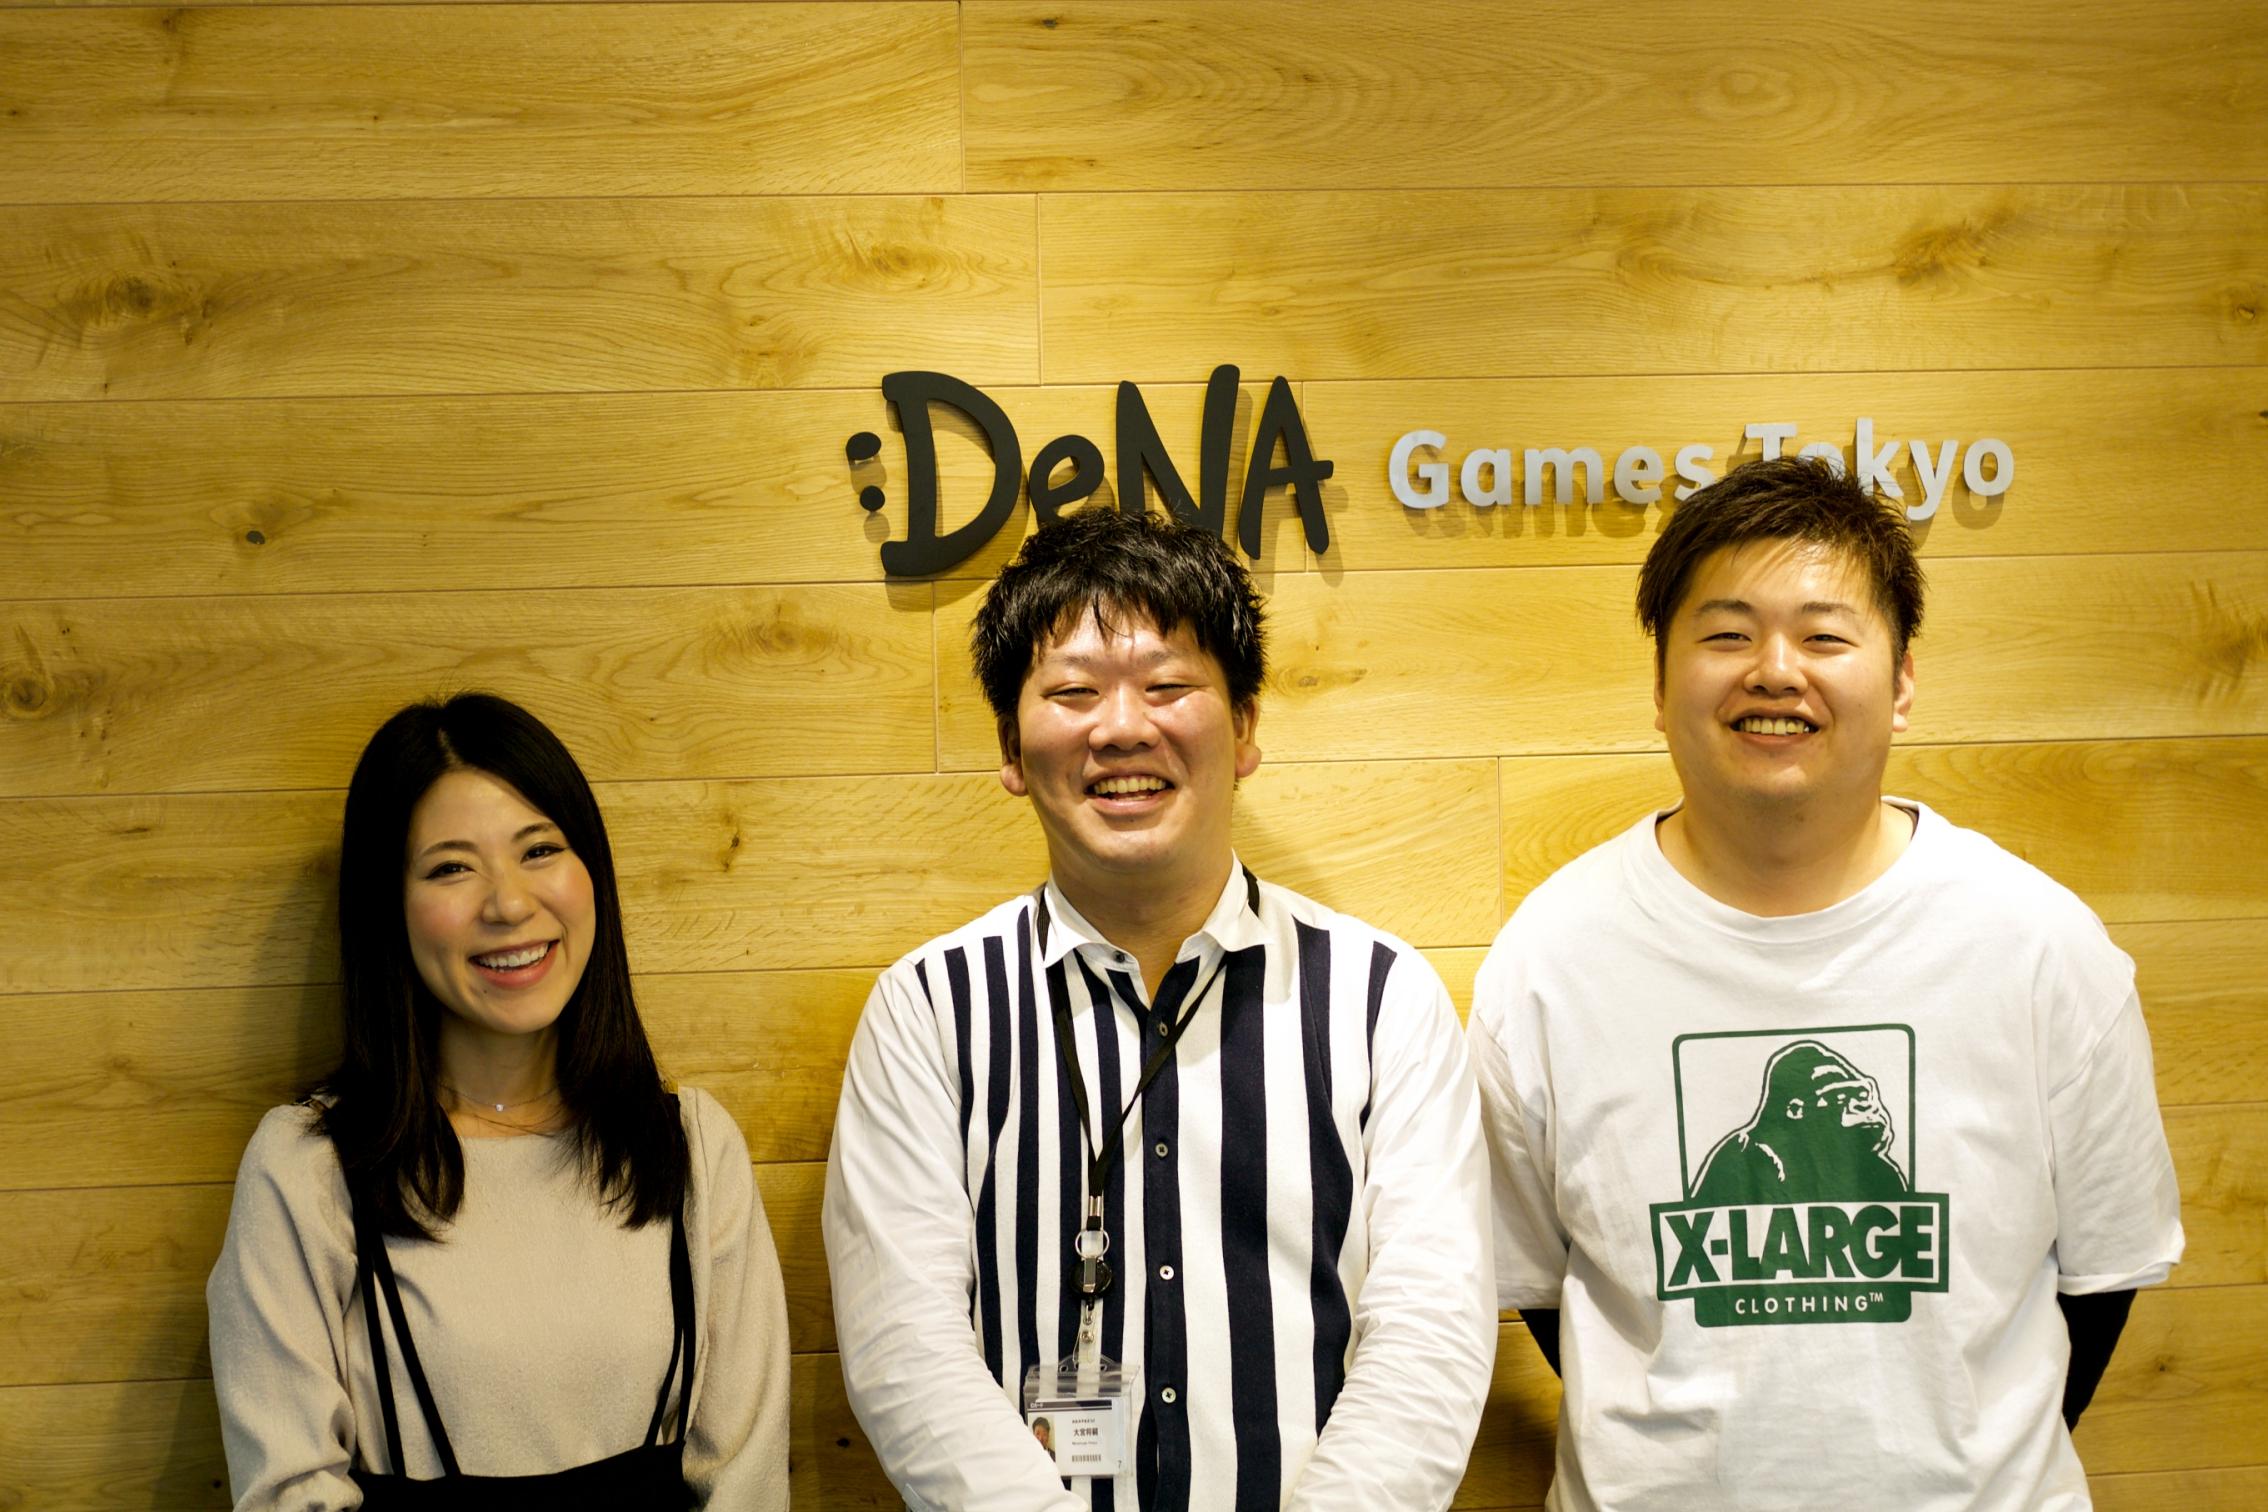 スカウトメールでは、候補者も企業もウソはつけない。DeNA Games Tokyoが感じたLAPRAS SCOUTの価値